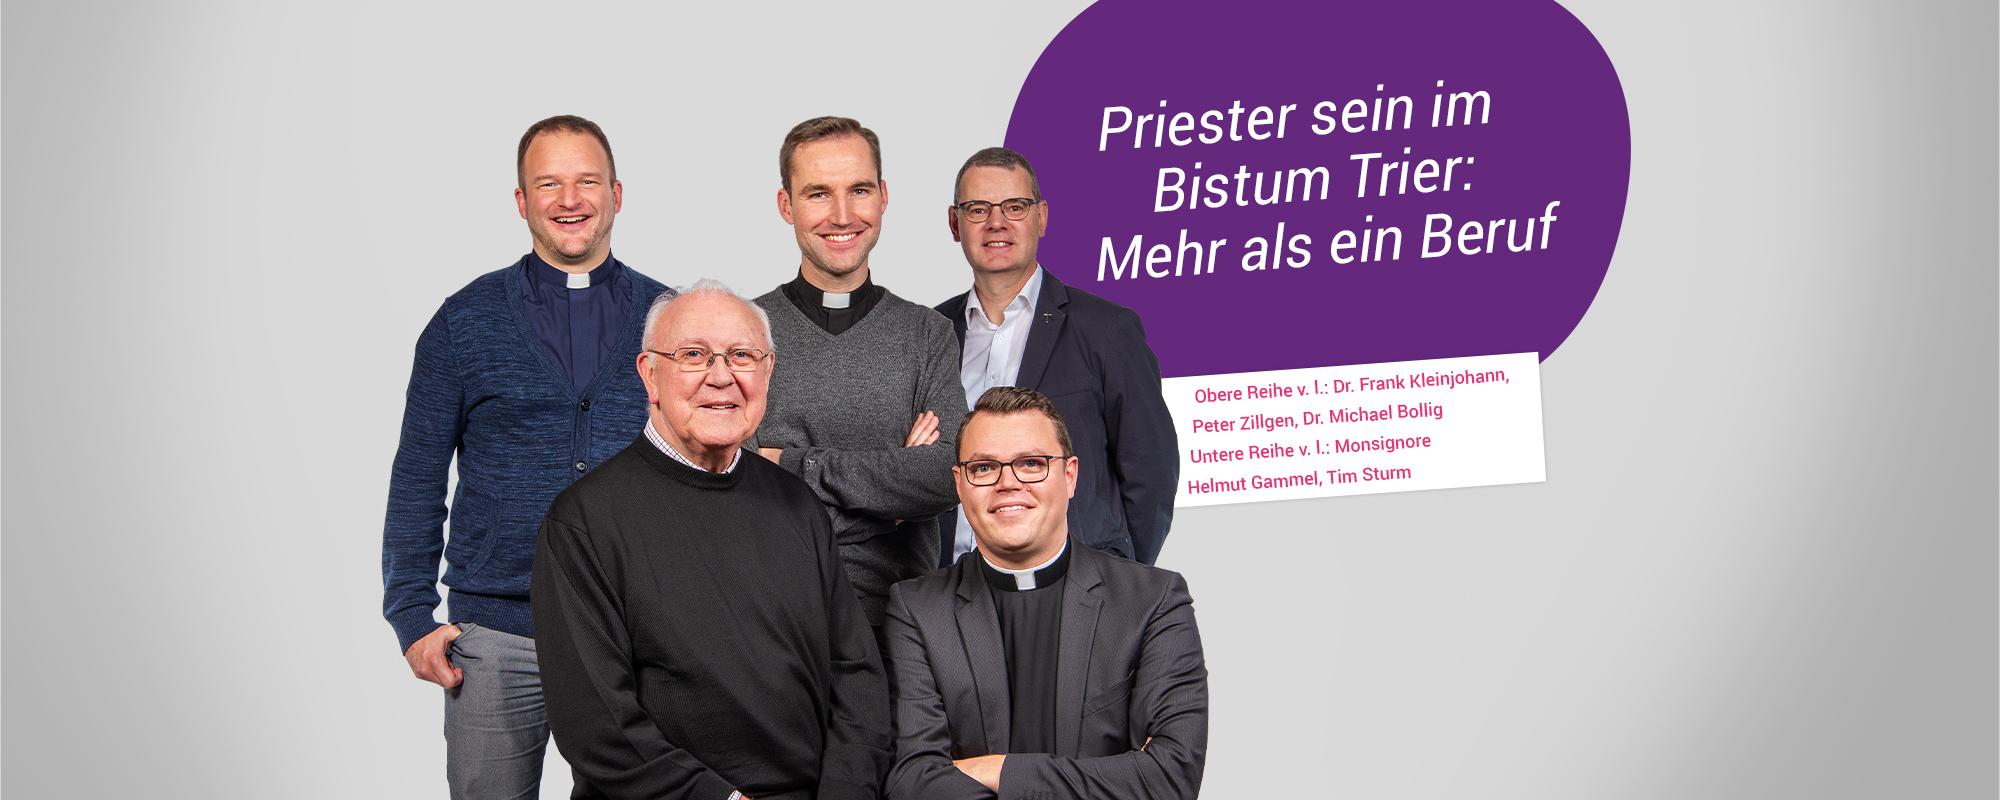 Eine 5er Gruppe Priester steht und sitzt in 2 Reihen als Gruppe eng zusammen und lächelt in die Kamera.